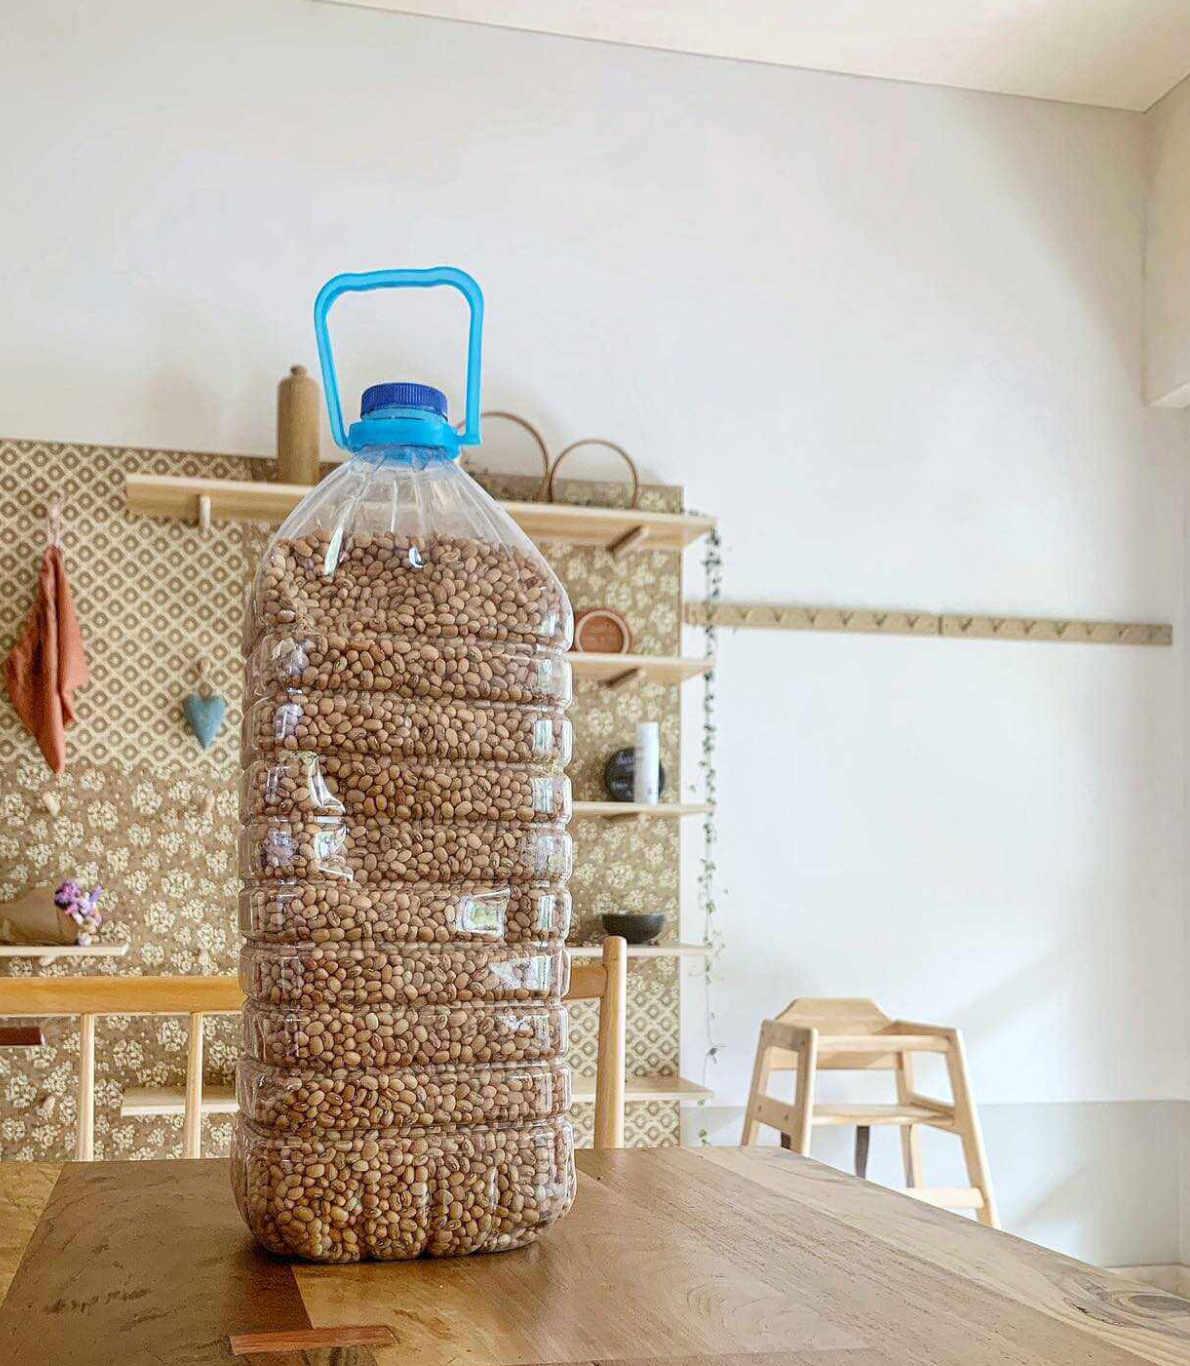 Garrafão com grão biológico em cima de uma mesa, no restaurante dos Kitchen Dates, onde ainda vemos vários utensílios e a decoração deste espaço.